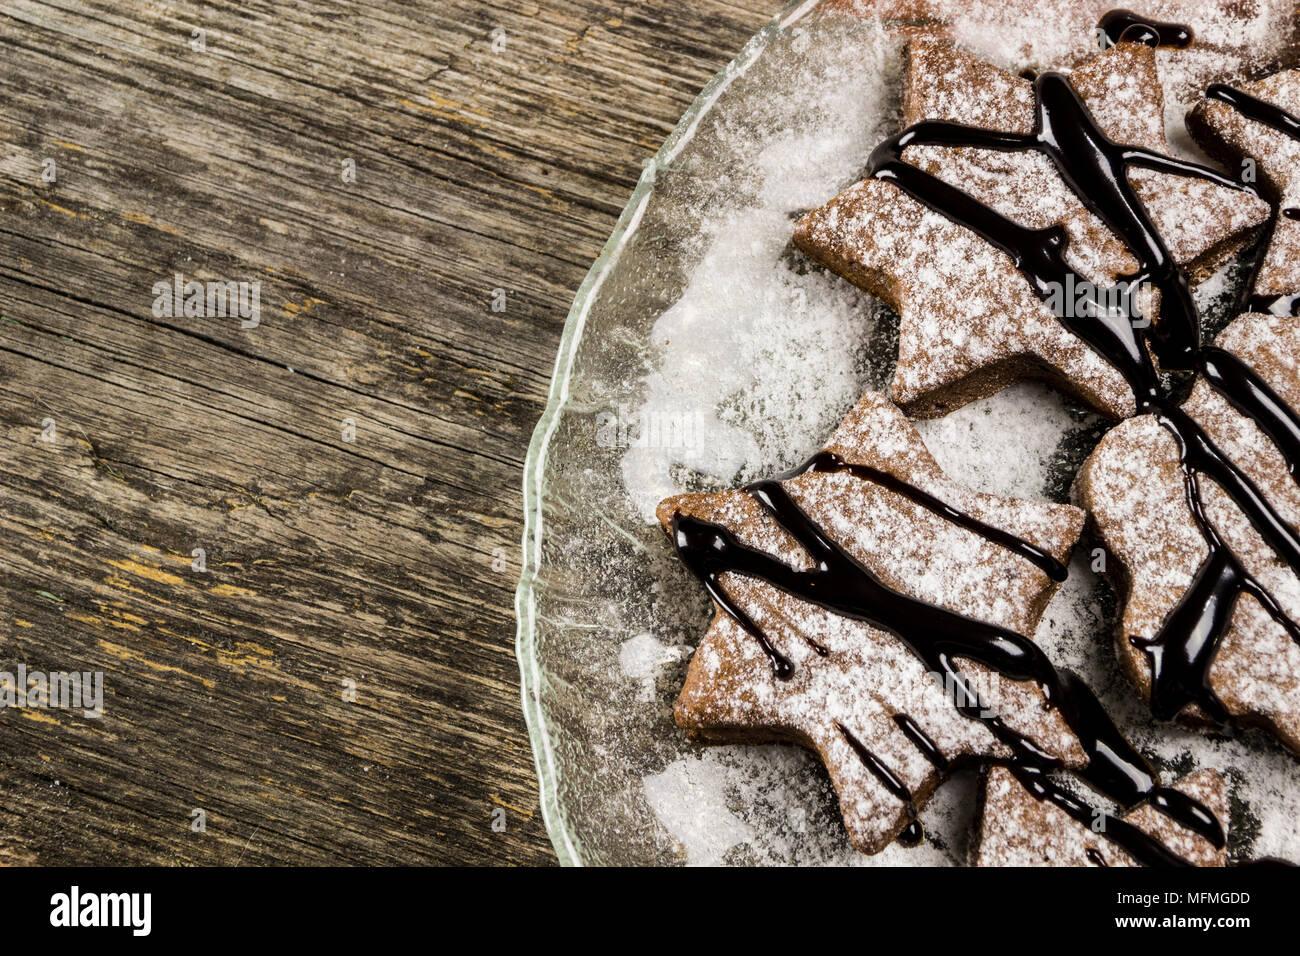 Ingwer Kekse mit Schokolade auf einem hölzernen Hintergrund Stockbild